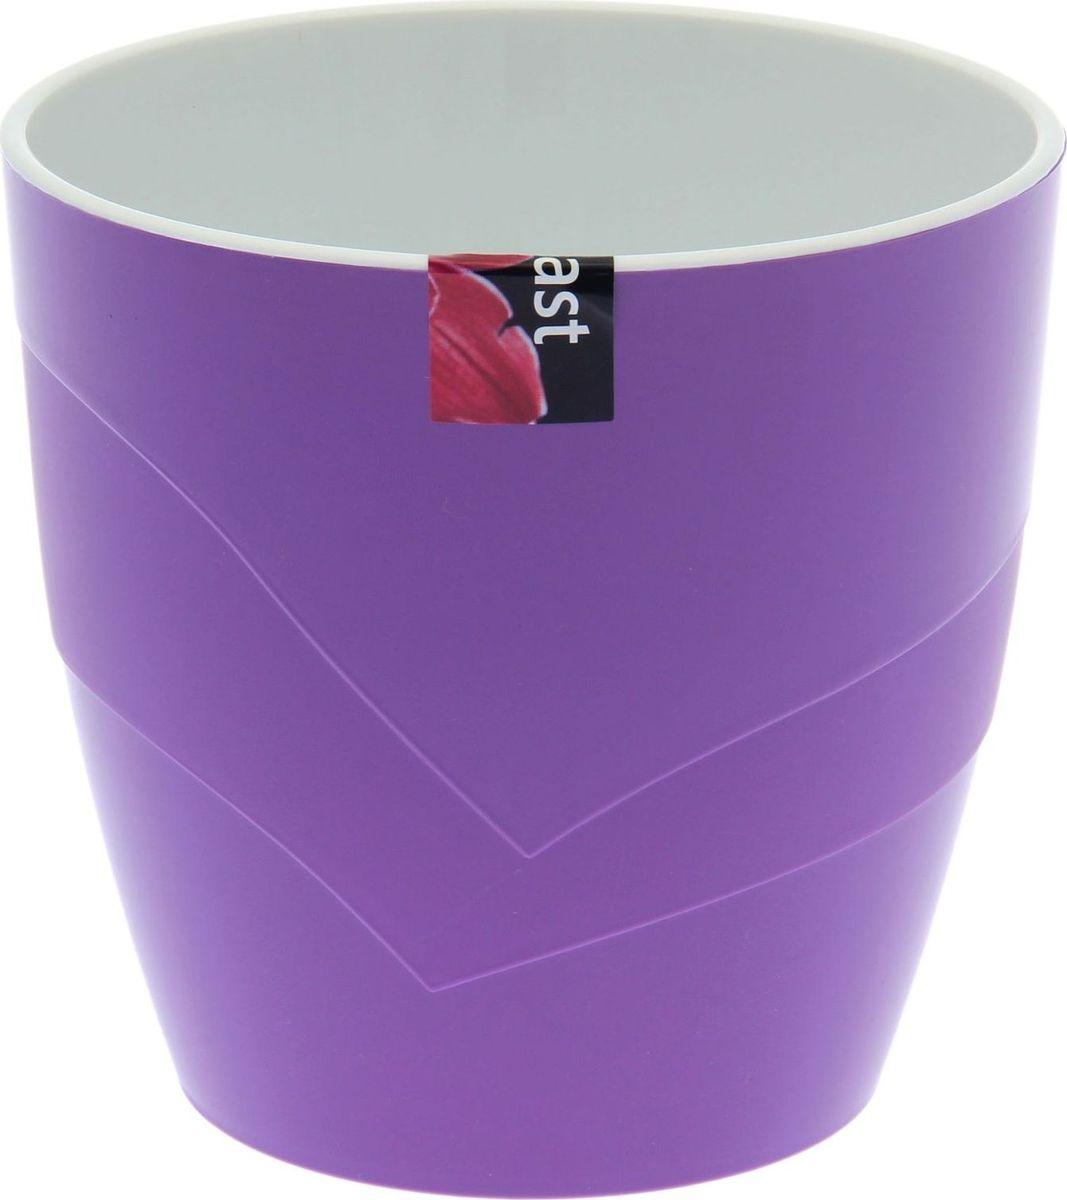 Кашпо JetPlast Грация, цвет: фиолетовый, 2 л1694313Кашпо JetPlast Грация классической формы с элегантной матовой волной по центру и внутренней вставкой-горшком. Дренажная вставка позволяет легко поливать растения без использования дополнительного поддона.Объем: 2 л.